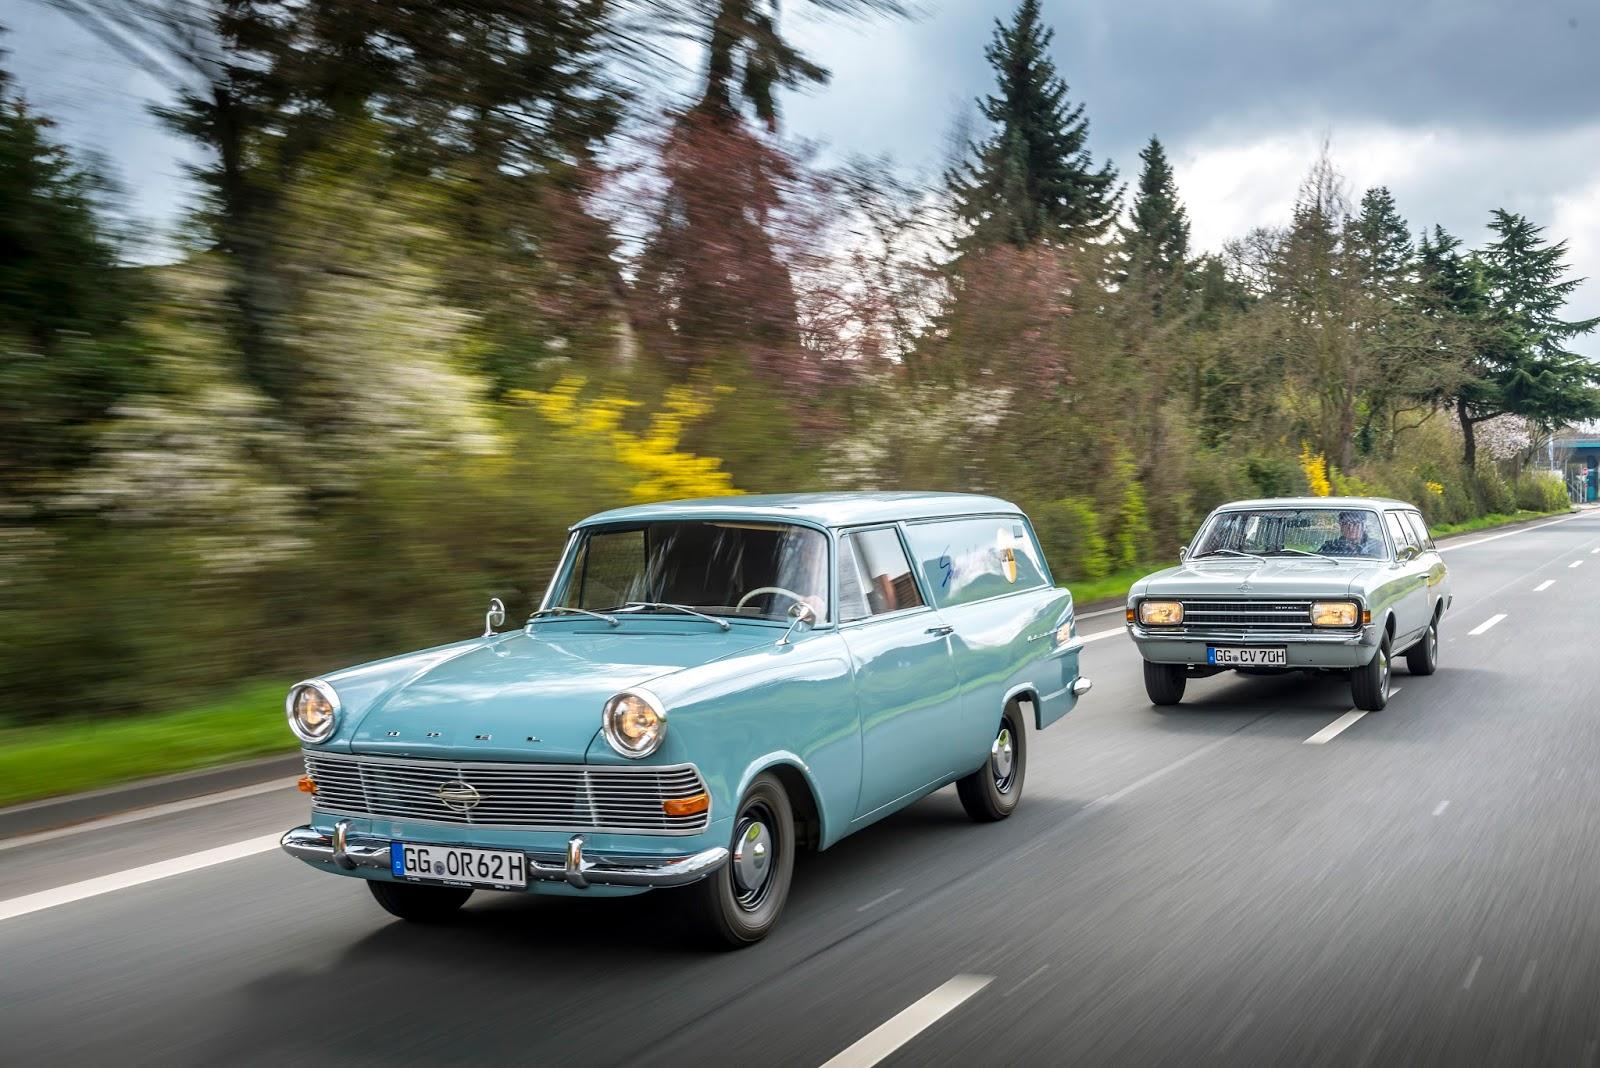 Opel ADAC Hessen Thueringen 304651 Ράλι κλασικών μοντέλων Opel στο Hessen-Thüringen Classic, Opel, Opel Cascada, Opel Record, Opel Wagon, Rally